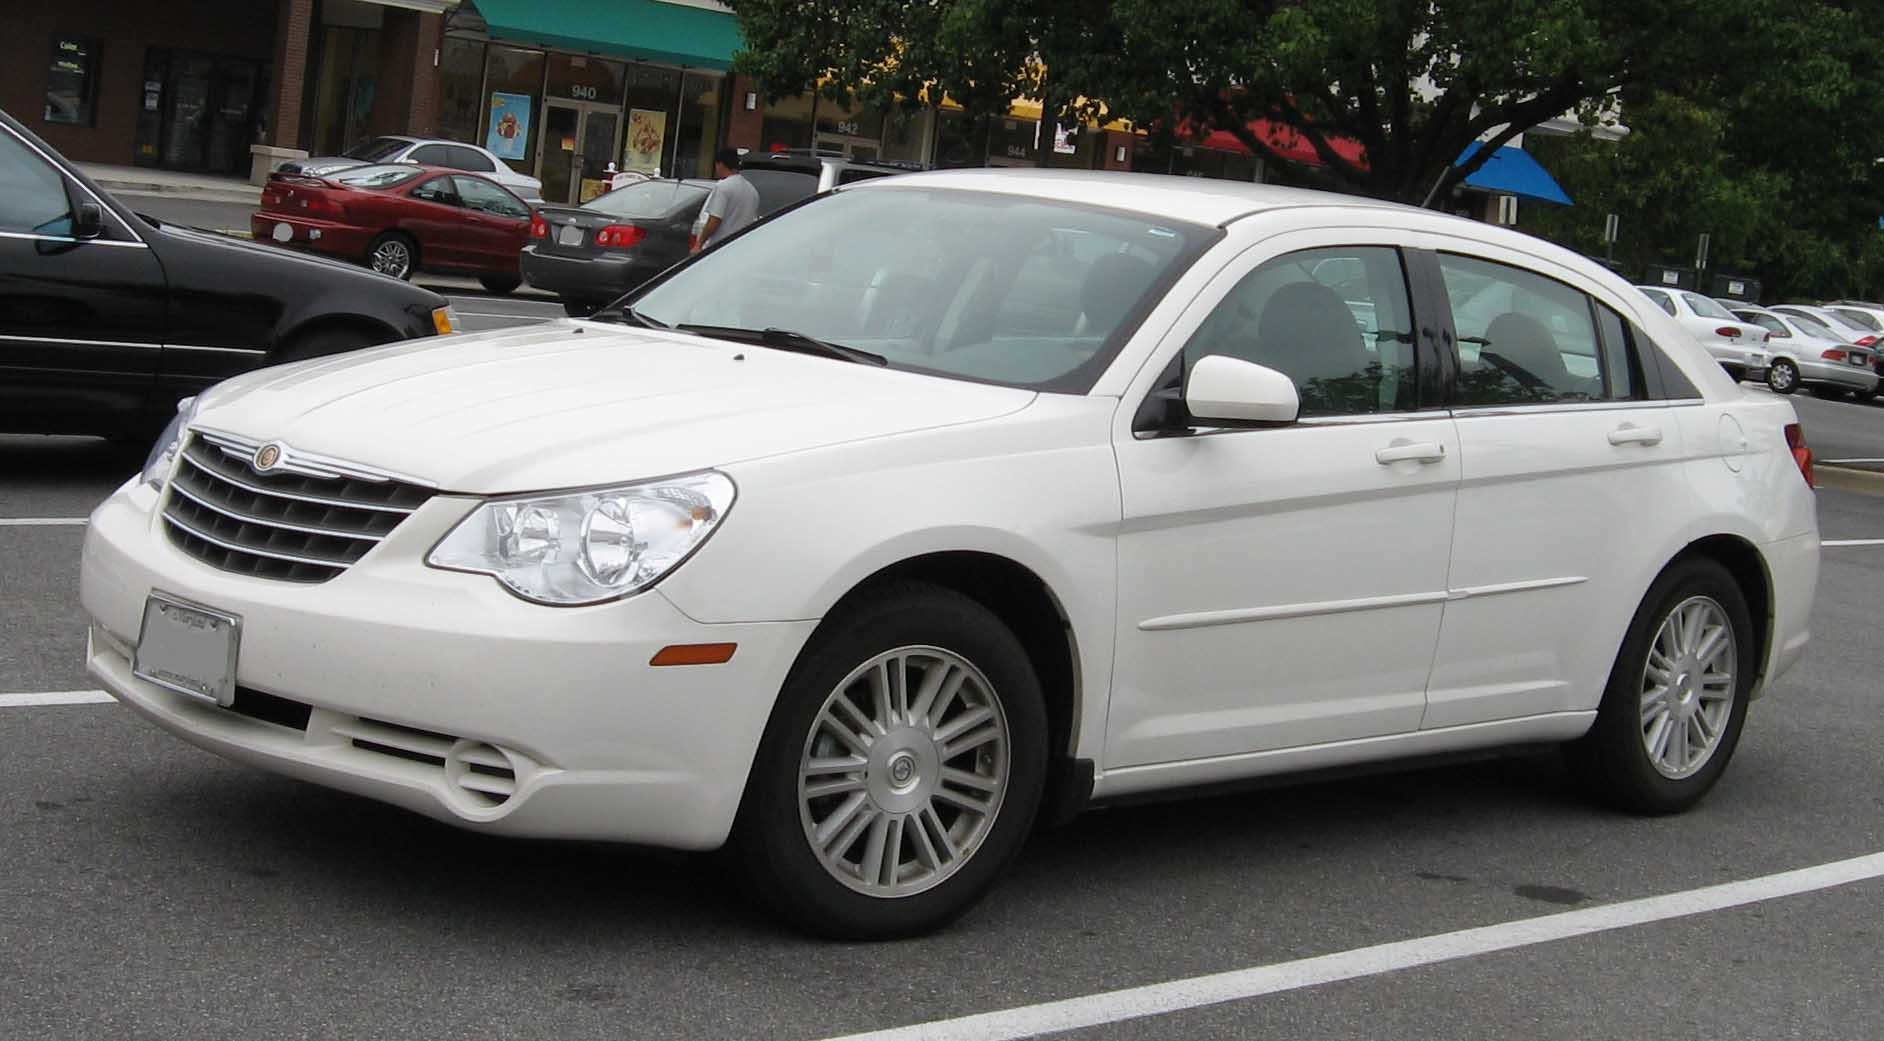 Chrysler >> 2007 CHRYSLER SEBRING - Image #12